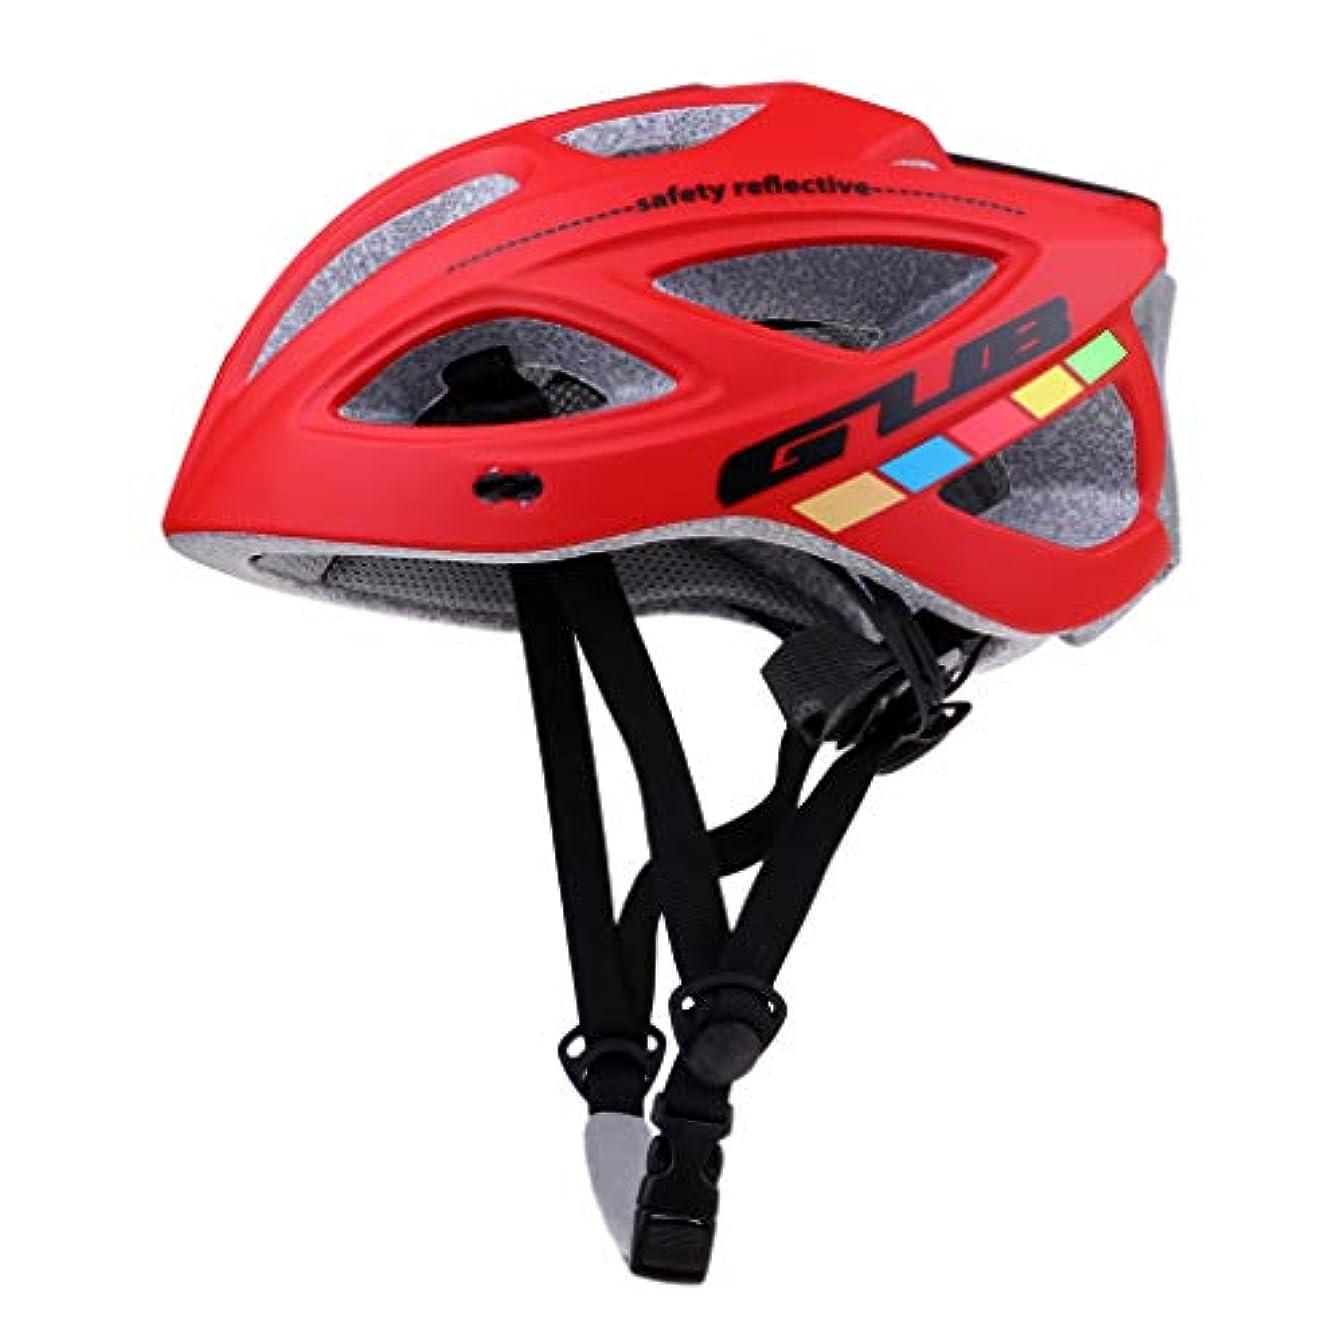 スリム出費ドラフトFLAMEER 18個通気孔 サイクリングヘルメット 自転車ヘルメット 道路マウンテンバイク 安全帽子 全3色